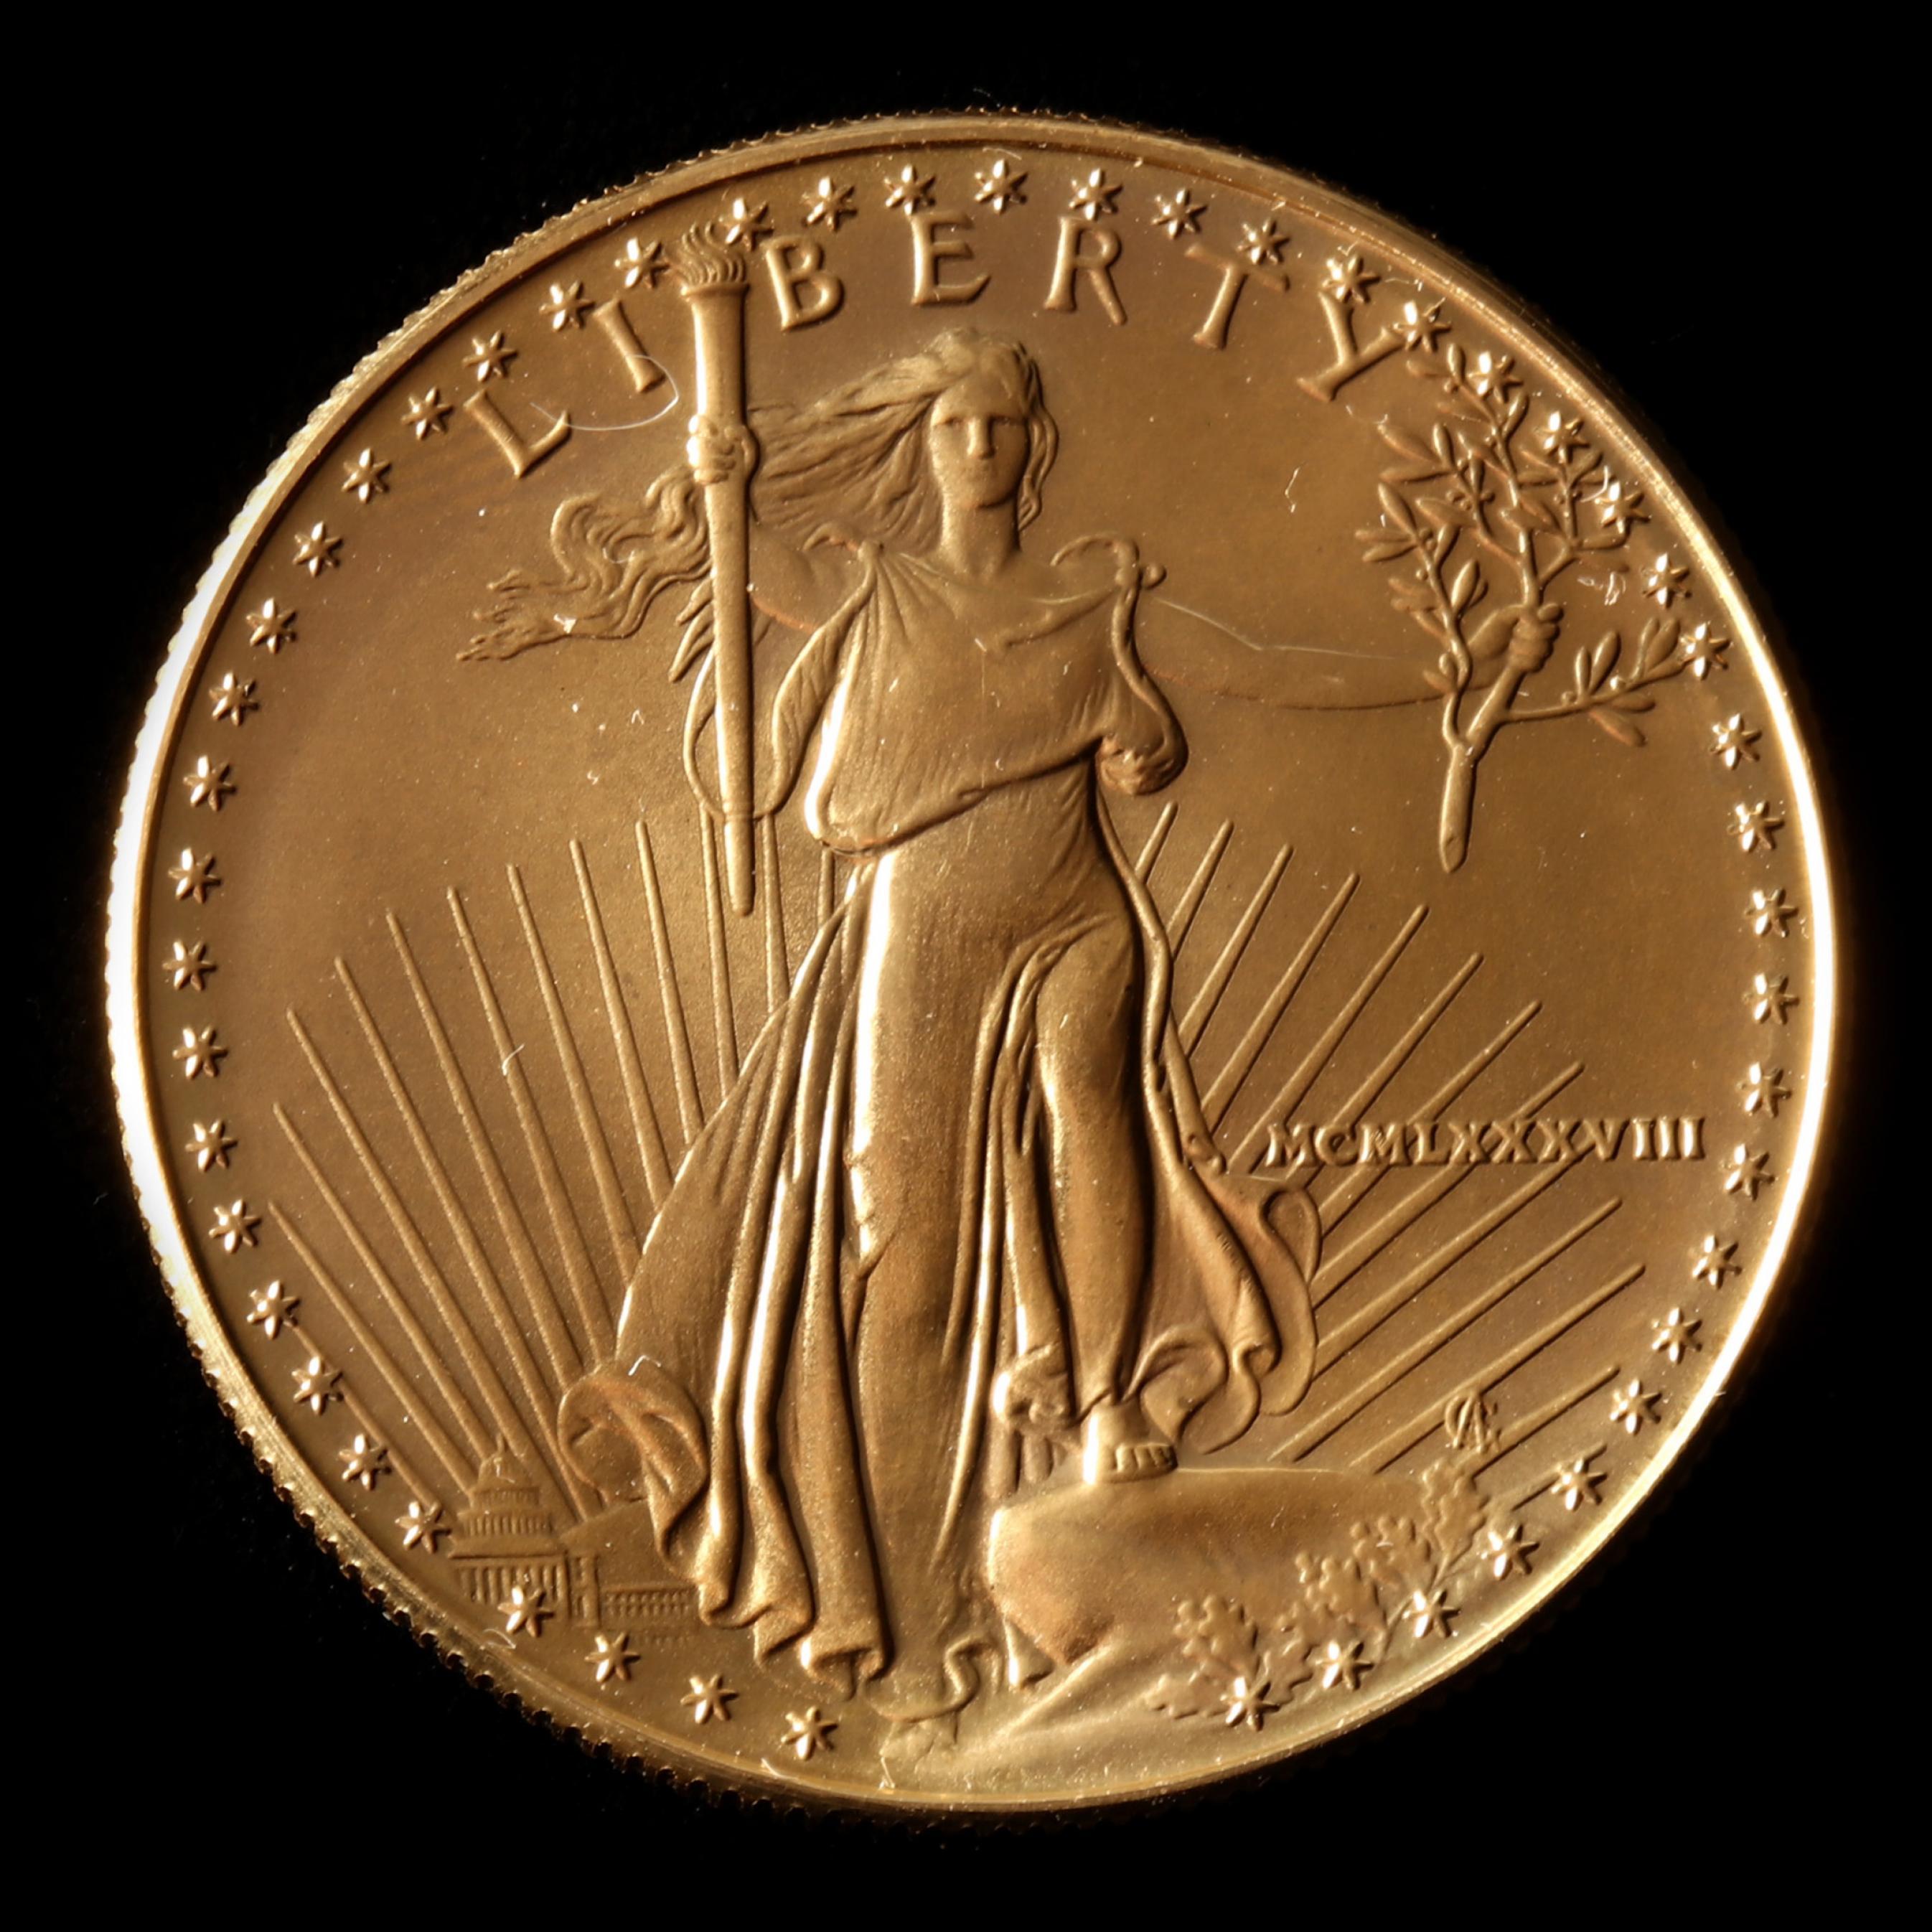 1988-american-eagle-50-one-ounce-gold-bullion-coin